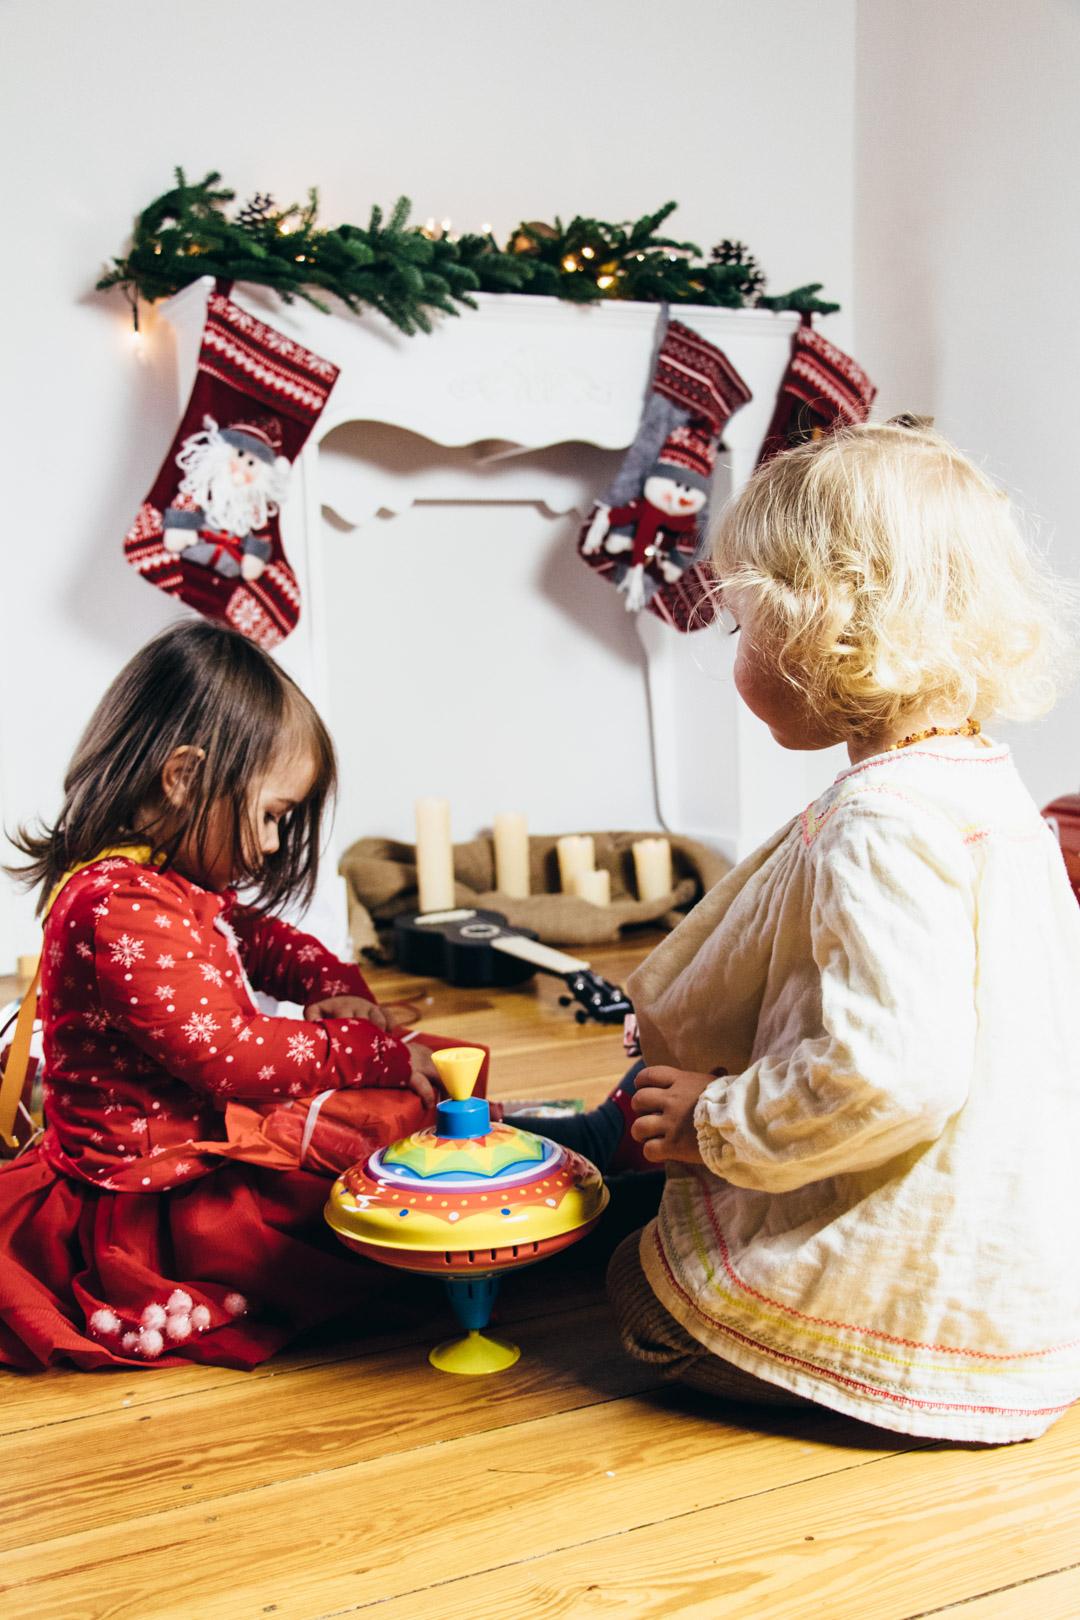 tausendkind_spielzeug_weihnachten_fafine_annafrost_29